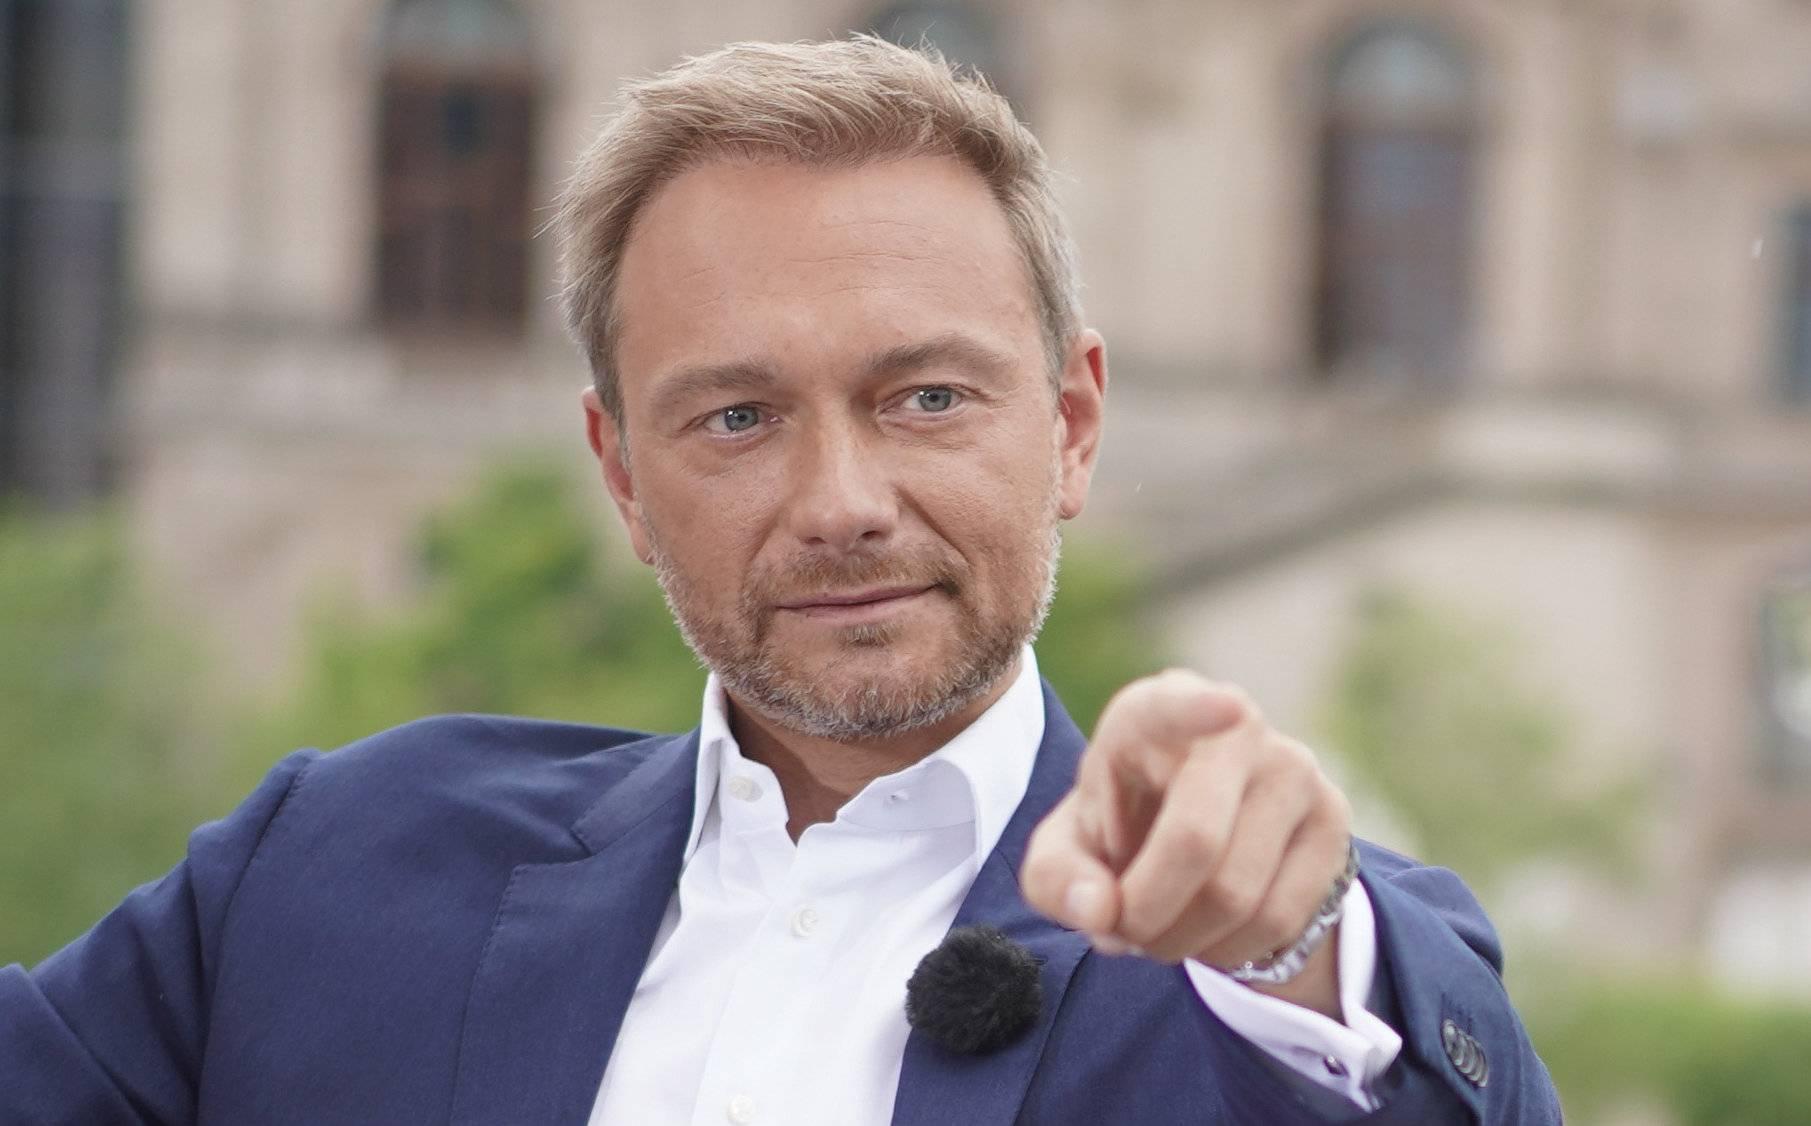 Christian Lindner Fdp Bestatigt Neue Freundin Franca Lehfeldt